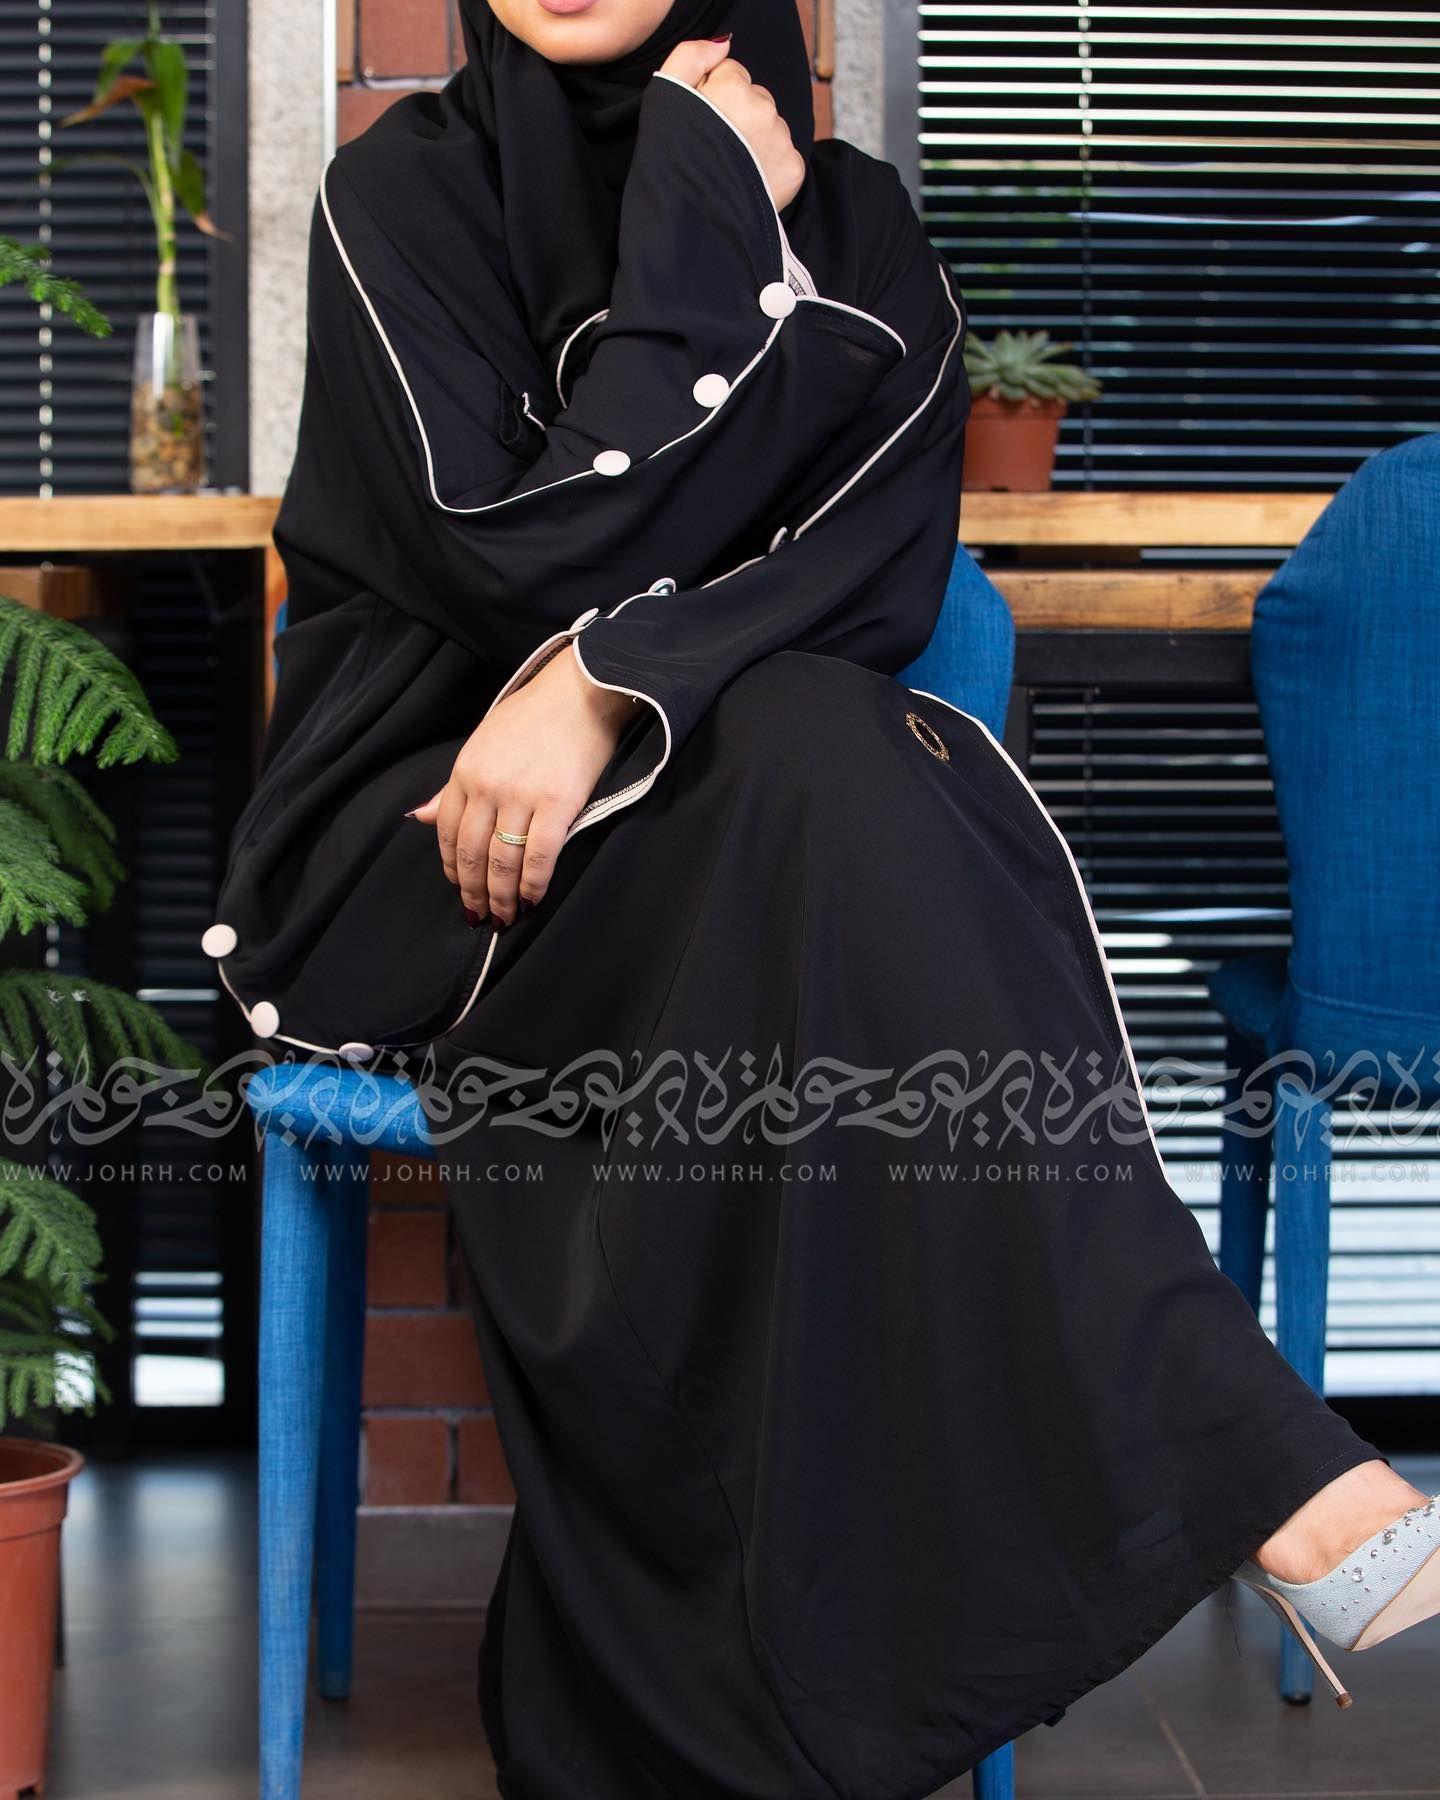 عباية بلاك بيري كويتي بأزرار رقم الموديل 1680 السعر بعد الخصم 250 متجر جوهرة عباية عبايات ستايل عباية Fashion Formal Dresses Long Formal Dresses